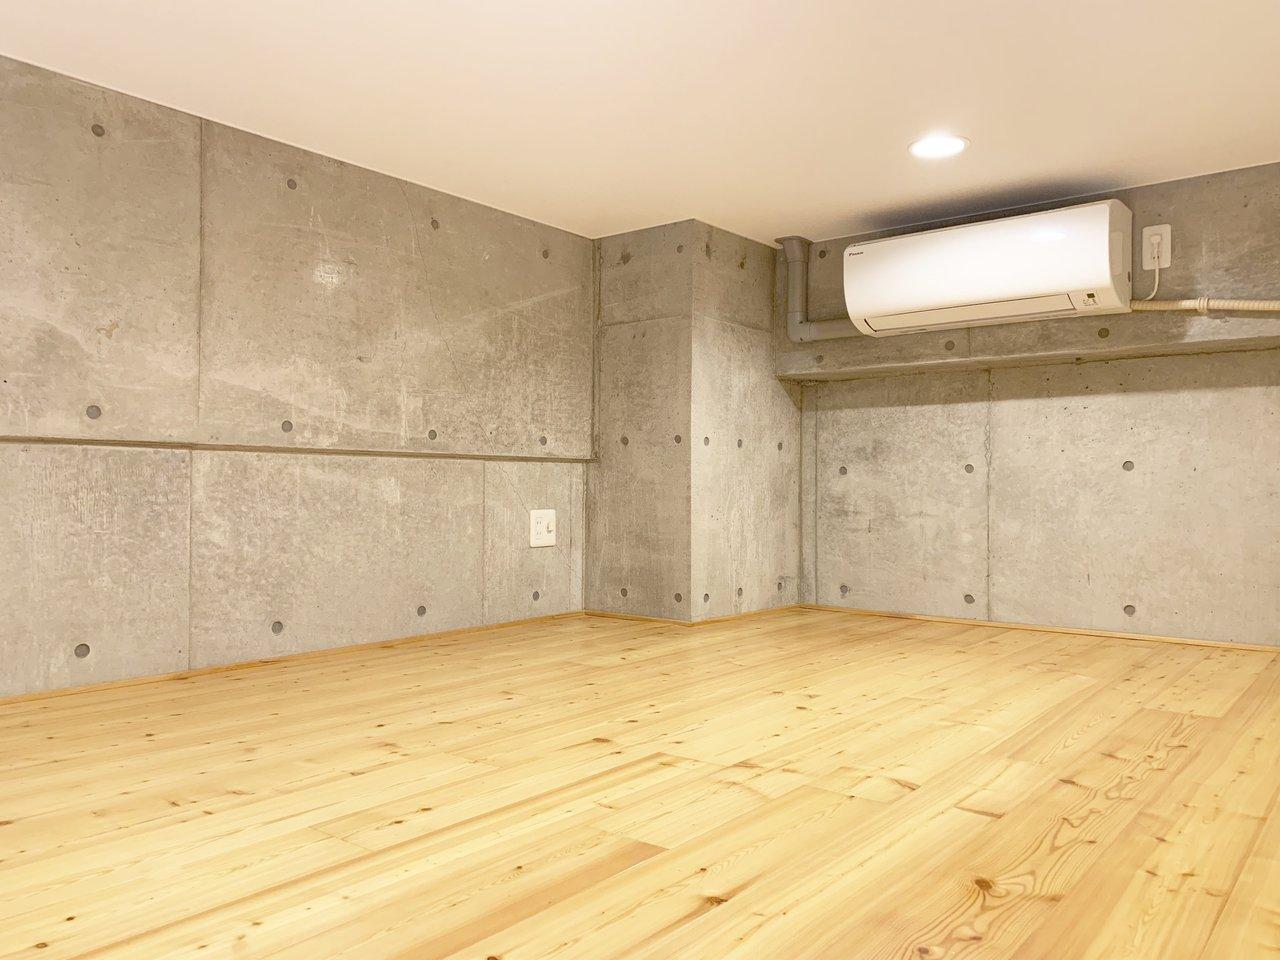 ロフト部分はこんな感じ。エアコンもついているので、温度調節は快適にできそう。お部屋全体の床は無垢材を使用しています。壁とのコントラストがいいですね。広さも6畳超え。思ったよりも広く感じます。